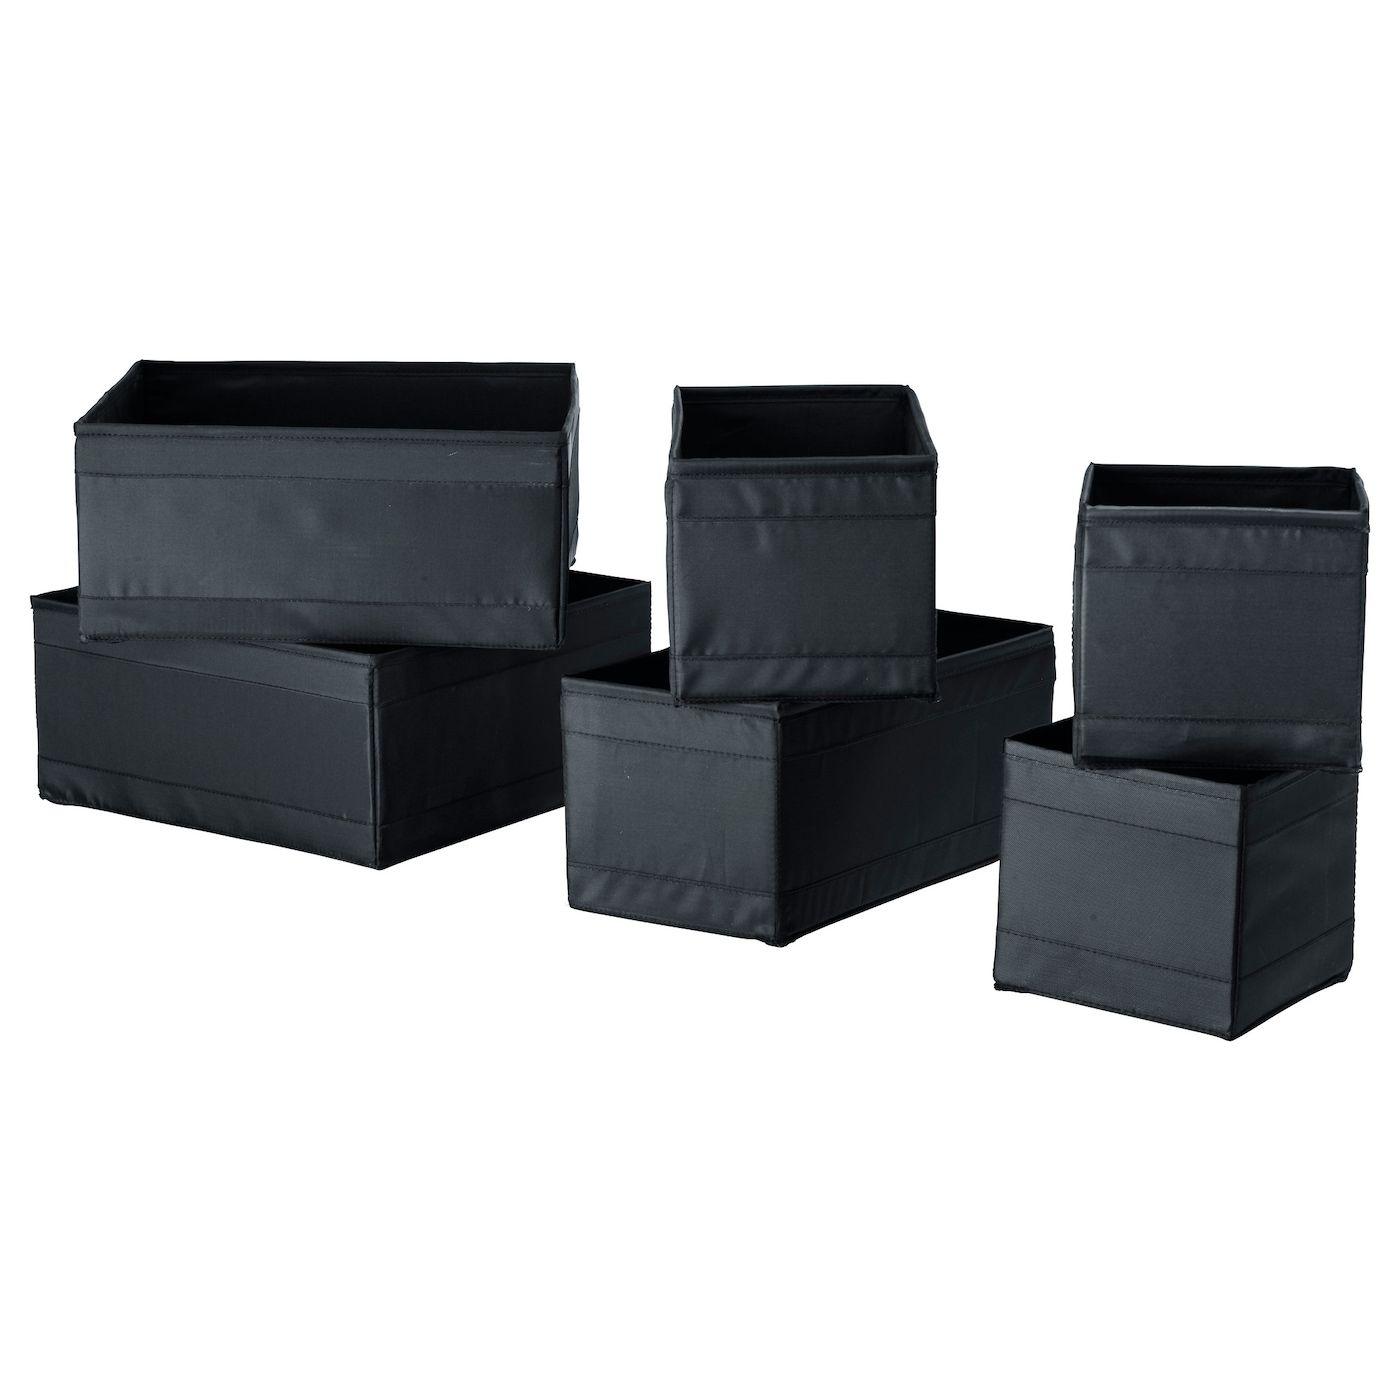 Ikea Schreibtisch Malm Schwarz